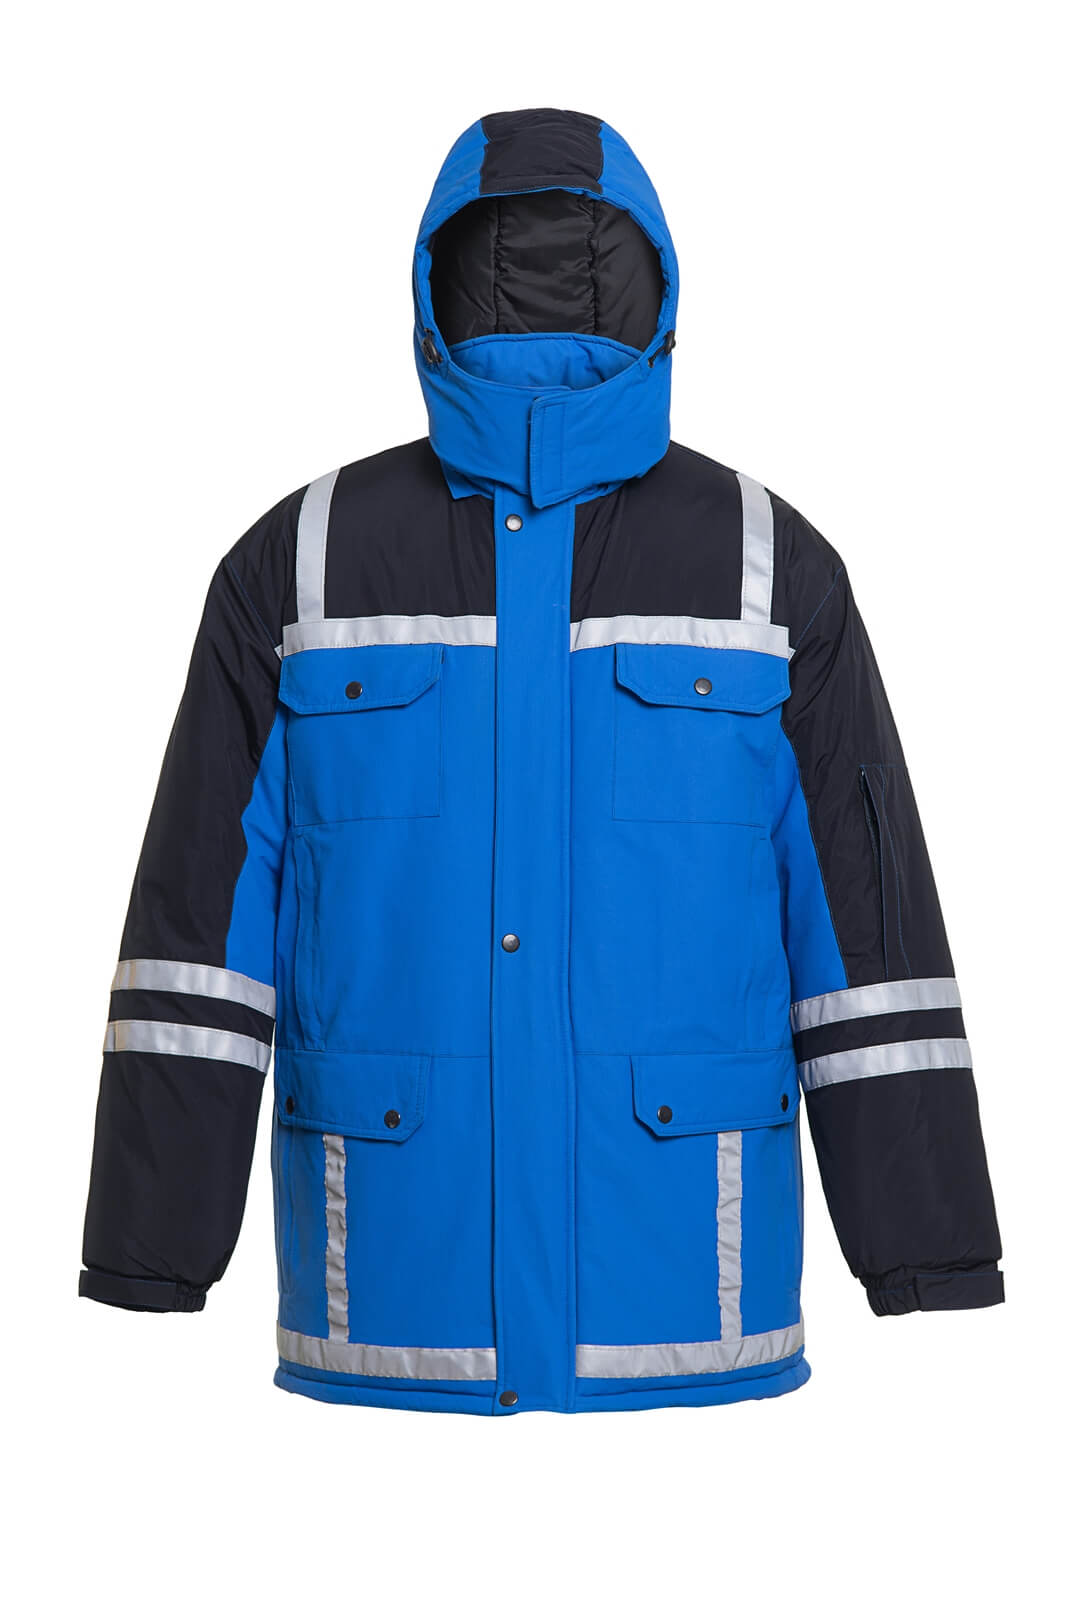 Куртка рабочая зимняя длинная - VT STYLE